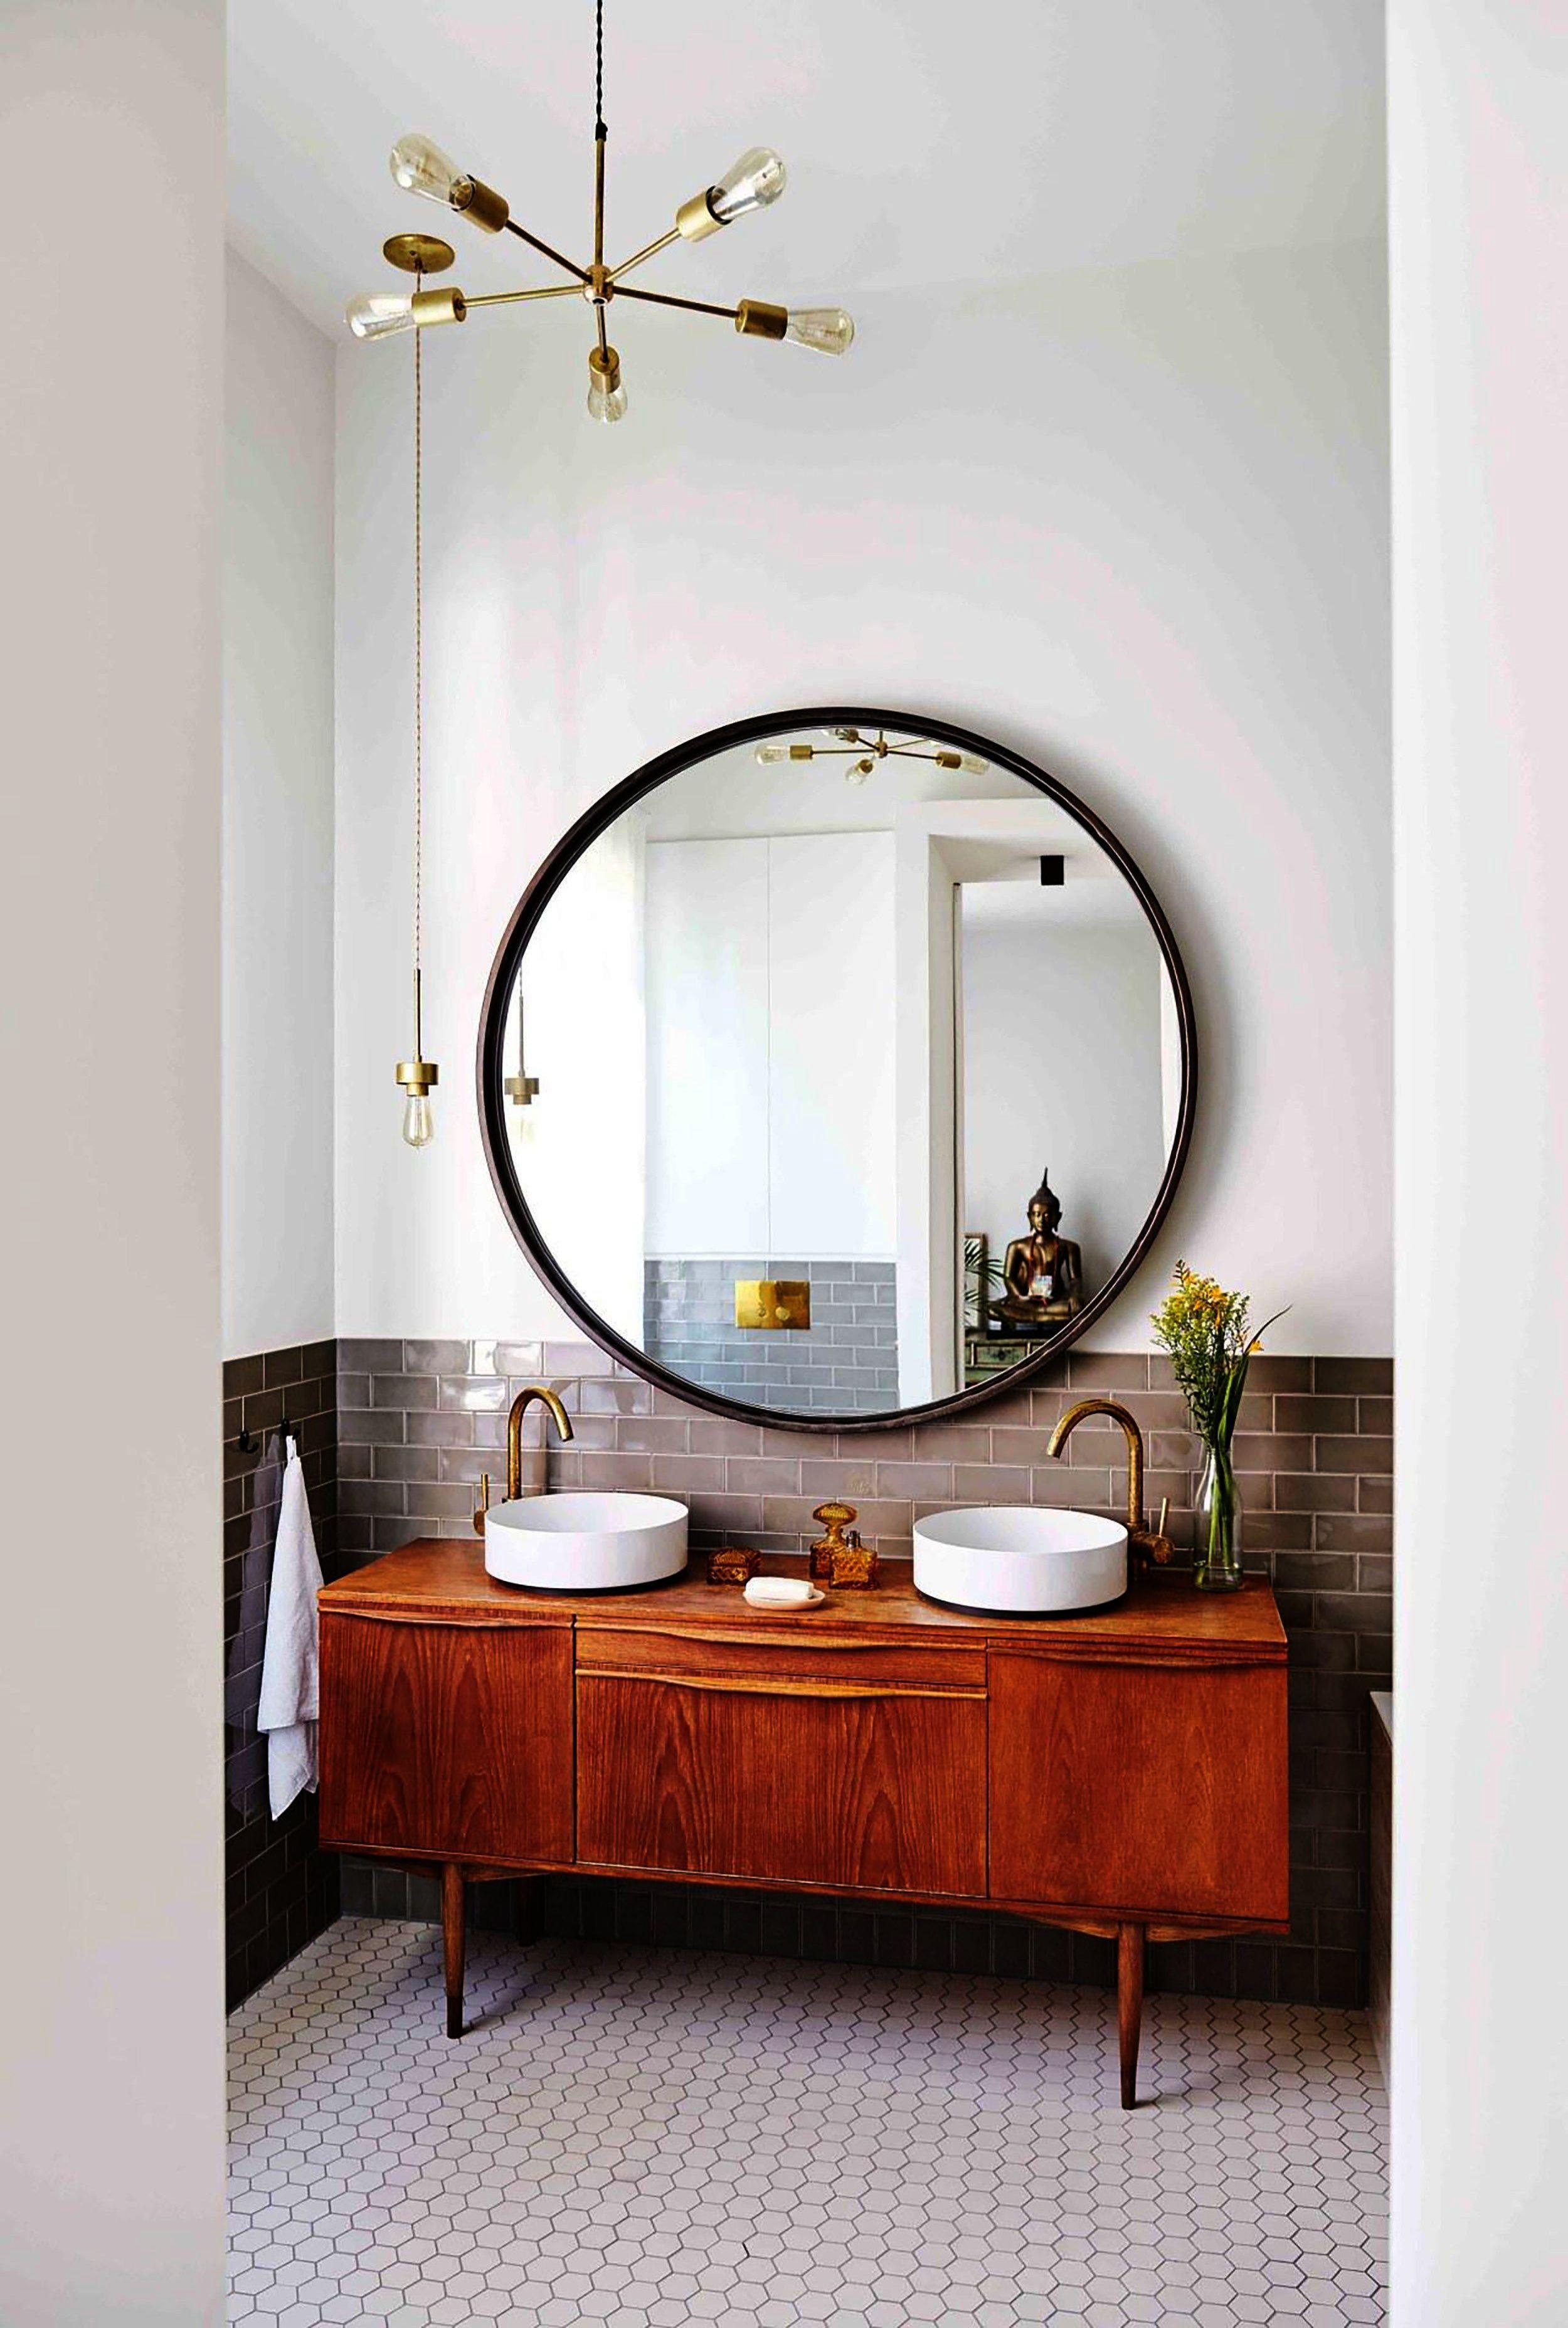 1920s Bathroom Sink Faucets Diy Projects Vintage Bathroom